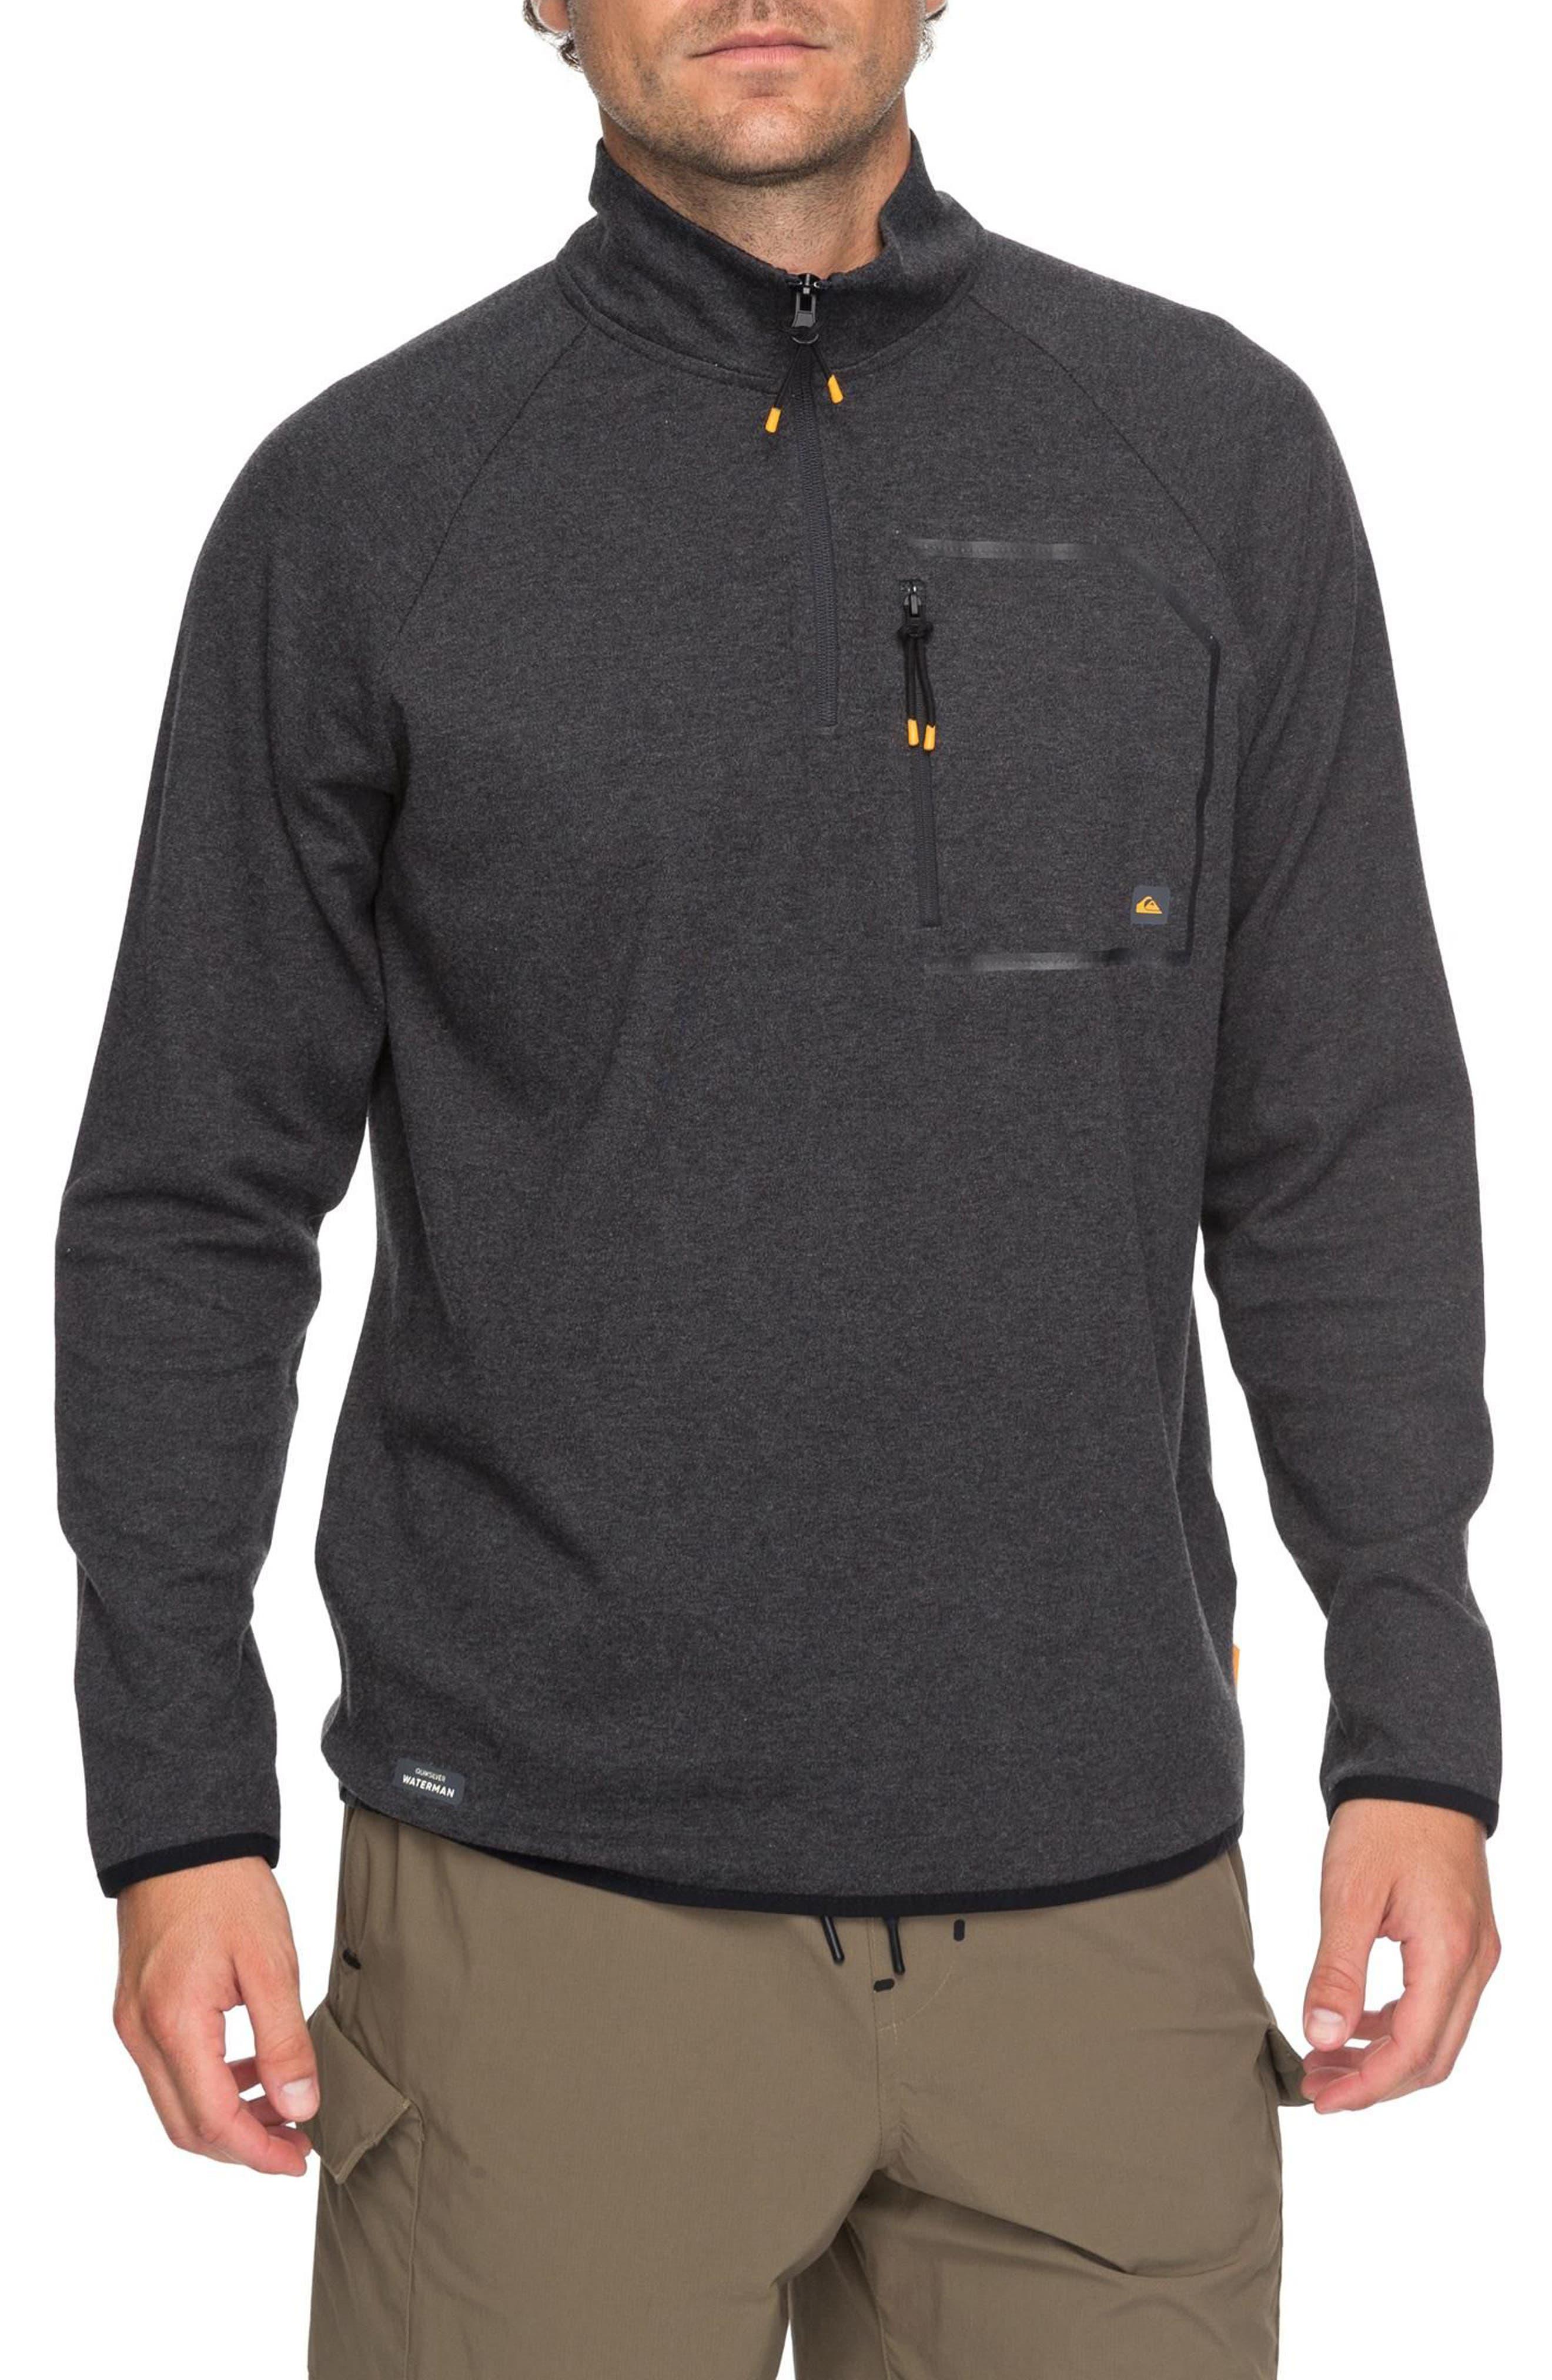 Technical Sweatshirt,                             Main thumbnail 1, color,                             005